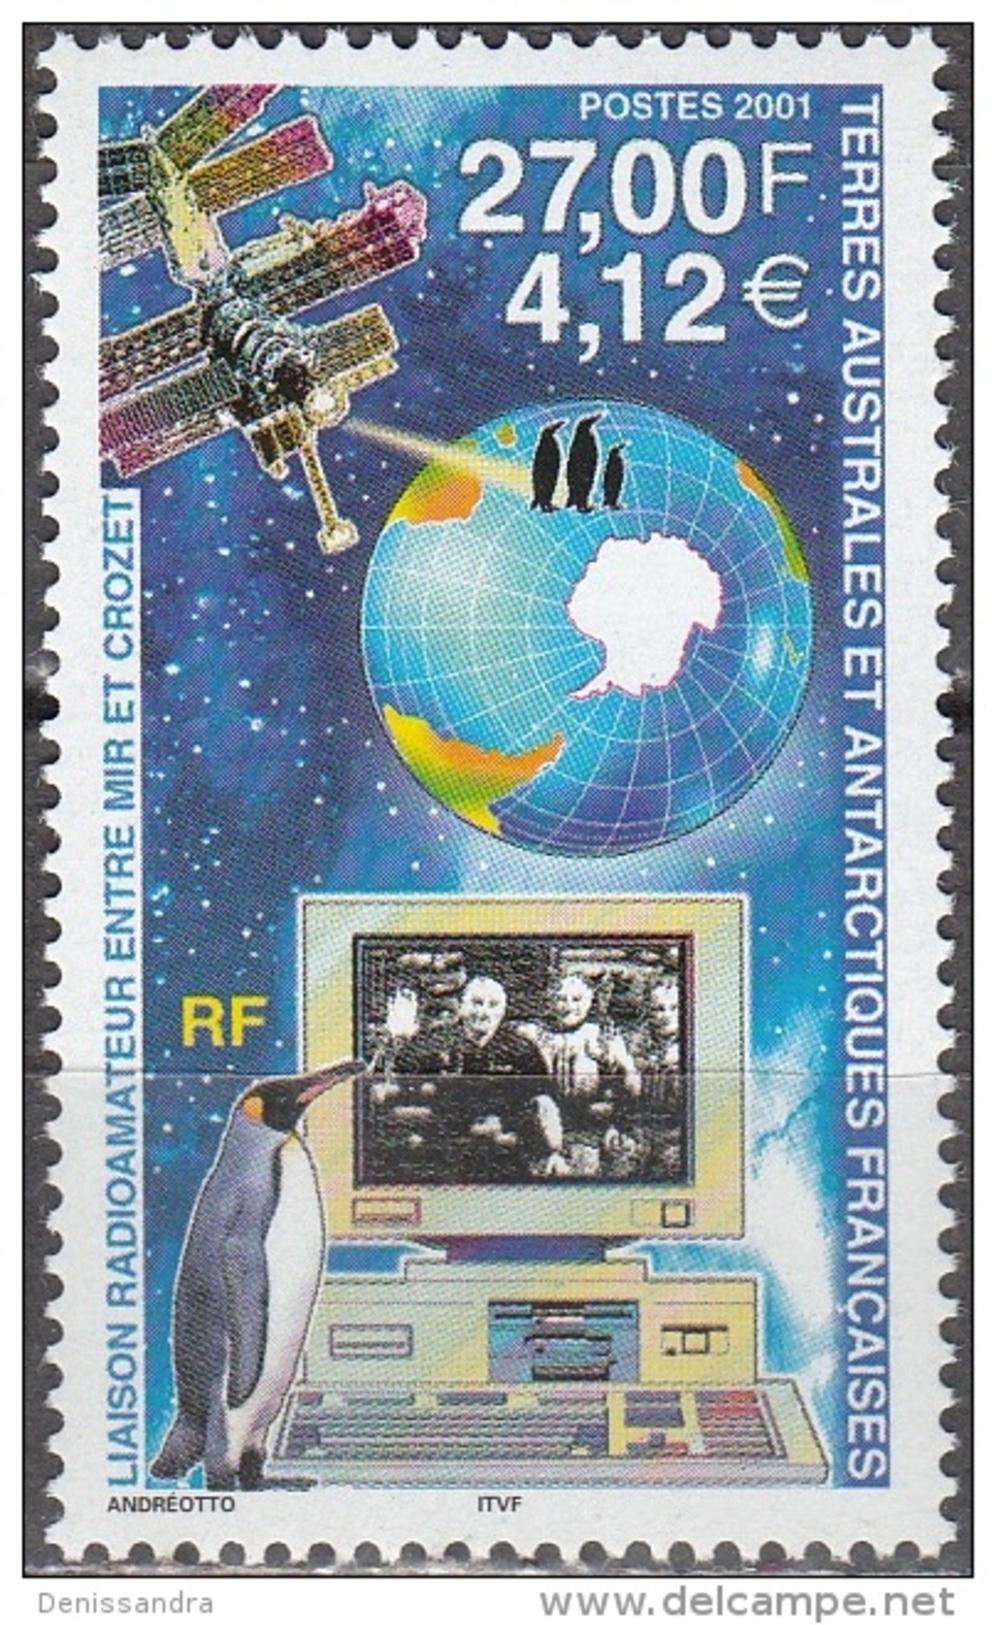 TAAF 2001 Yvert 295 Neuf ** Cote (2015) 14.00 Euro Liaison Radioamateur Entre Mir Et Crozet - Terres Australes Et Antarctiques Françaises (TAAF)